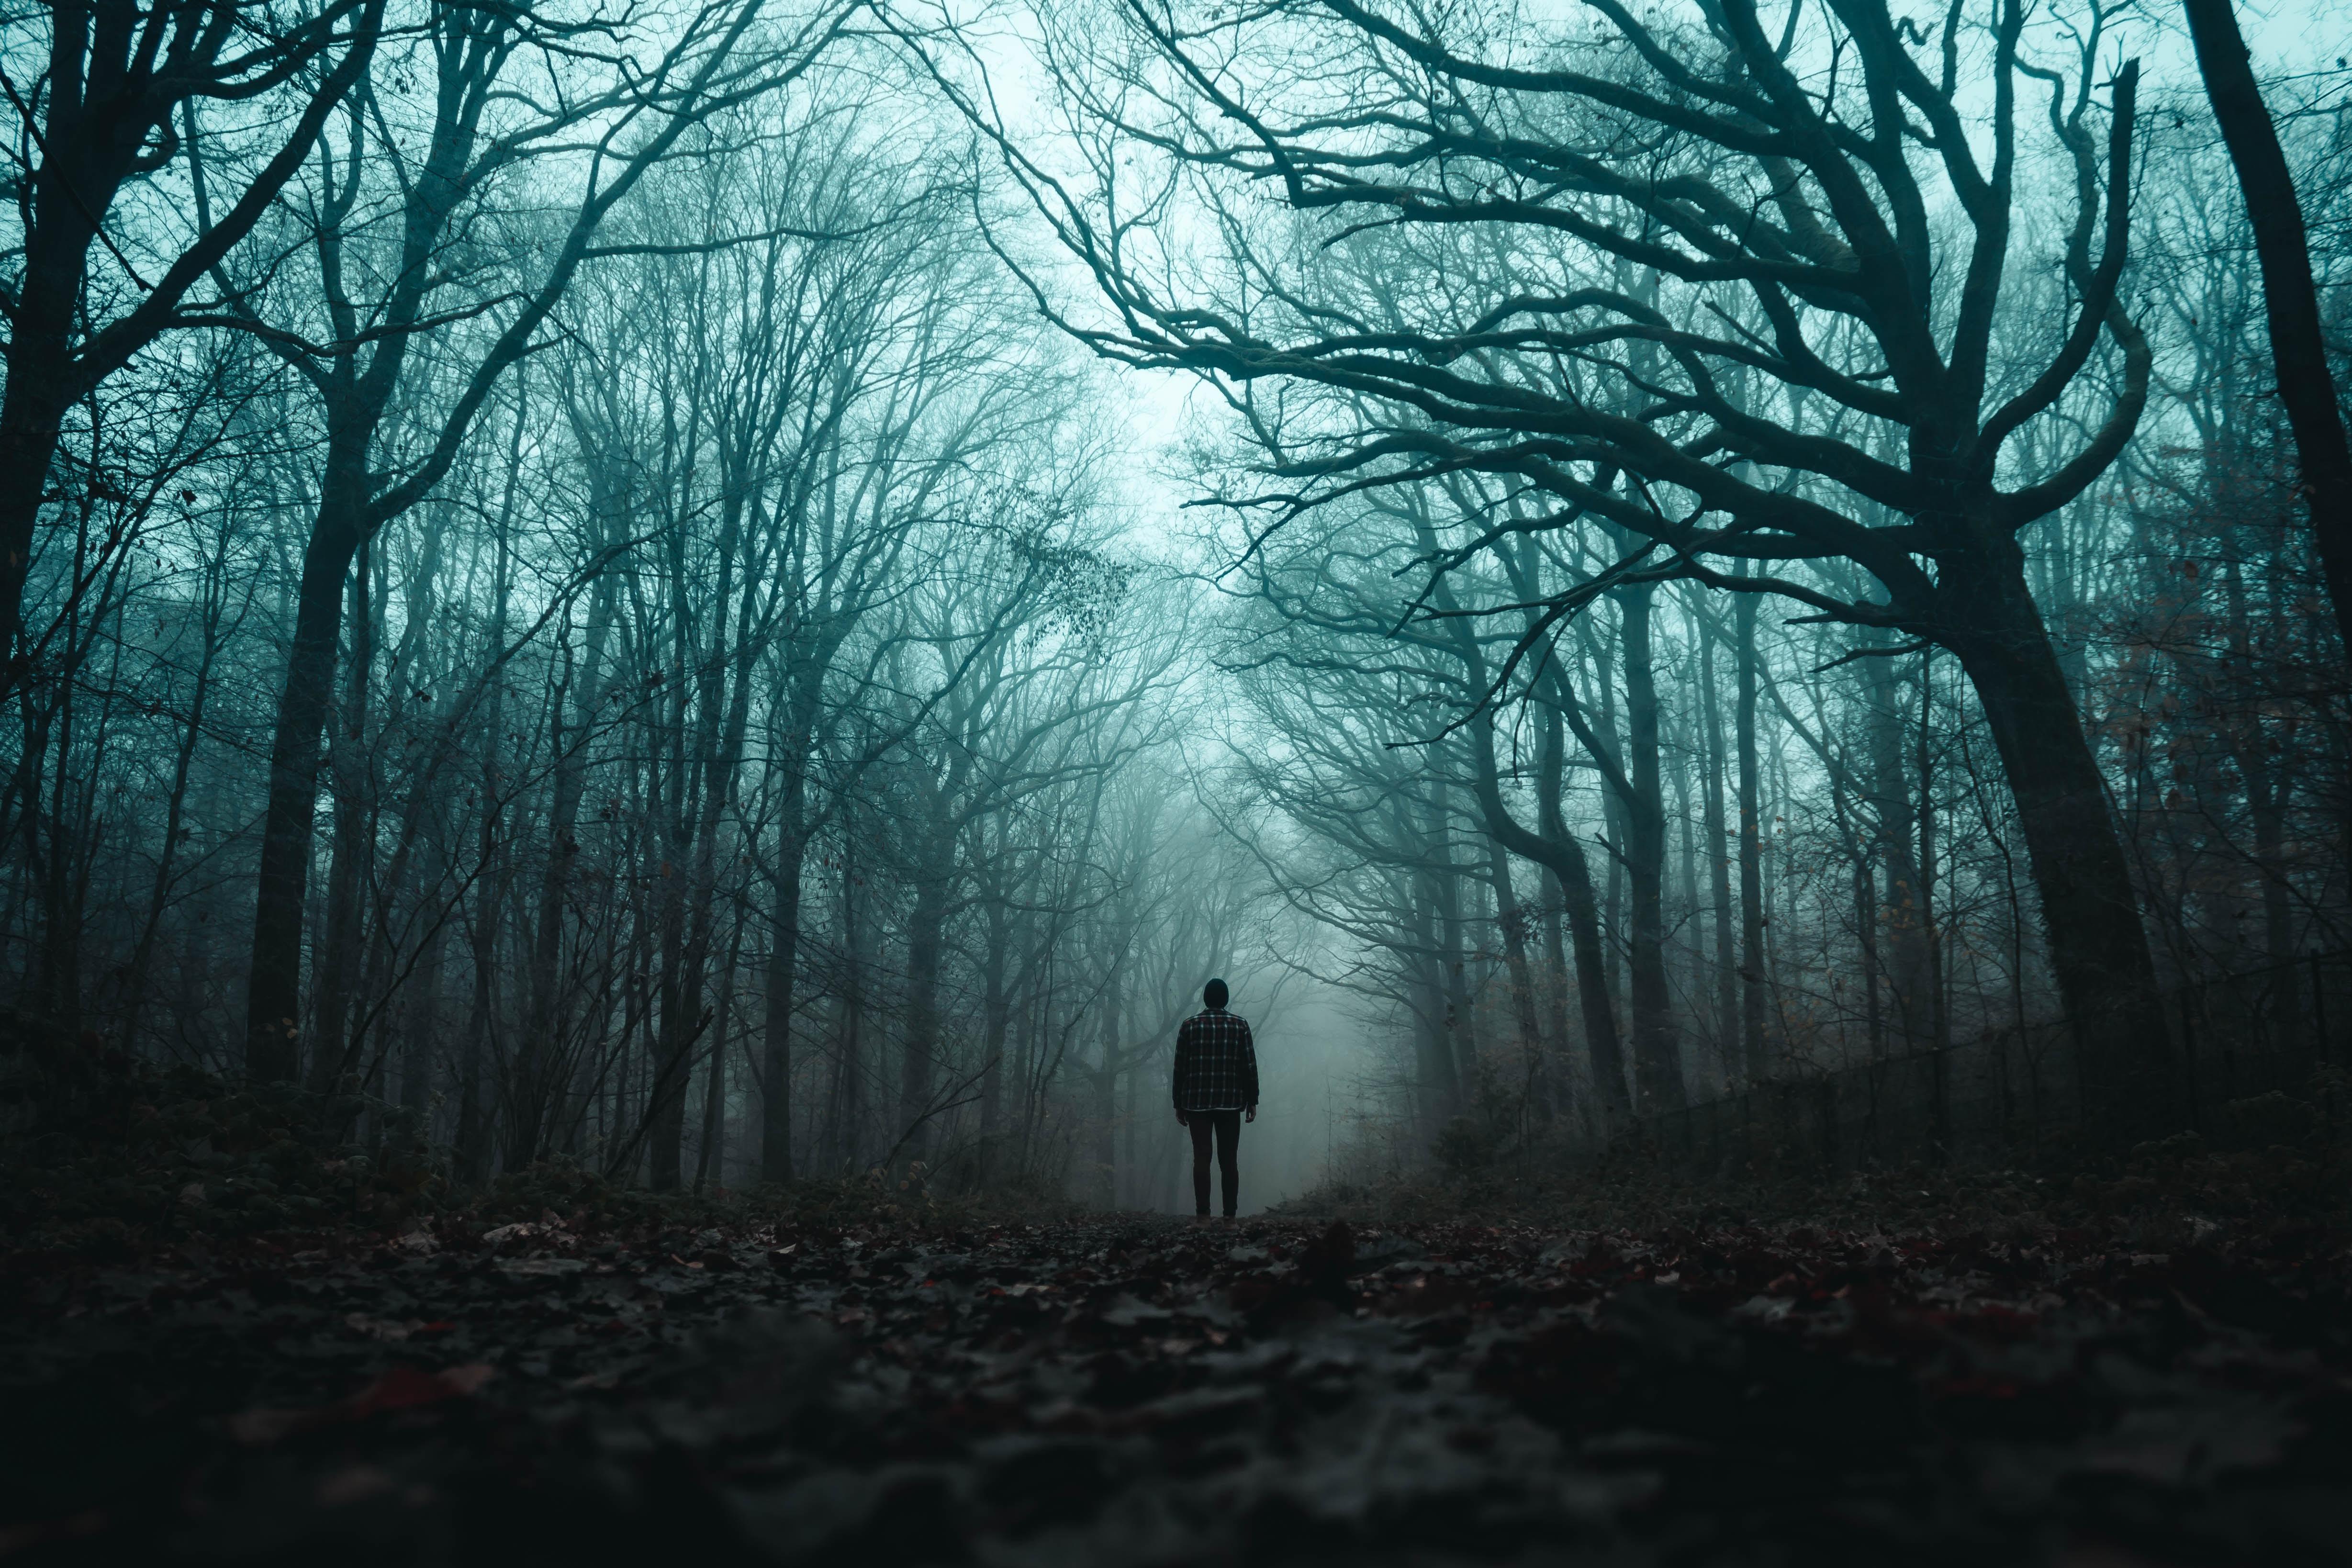 67493 Заставки и Обои Разное на телефон. Скачать Разное, Одиночество, Силуэт, Лес, Туман, Мрачный картинки бесплатно